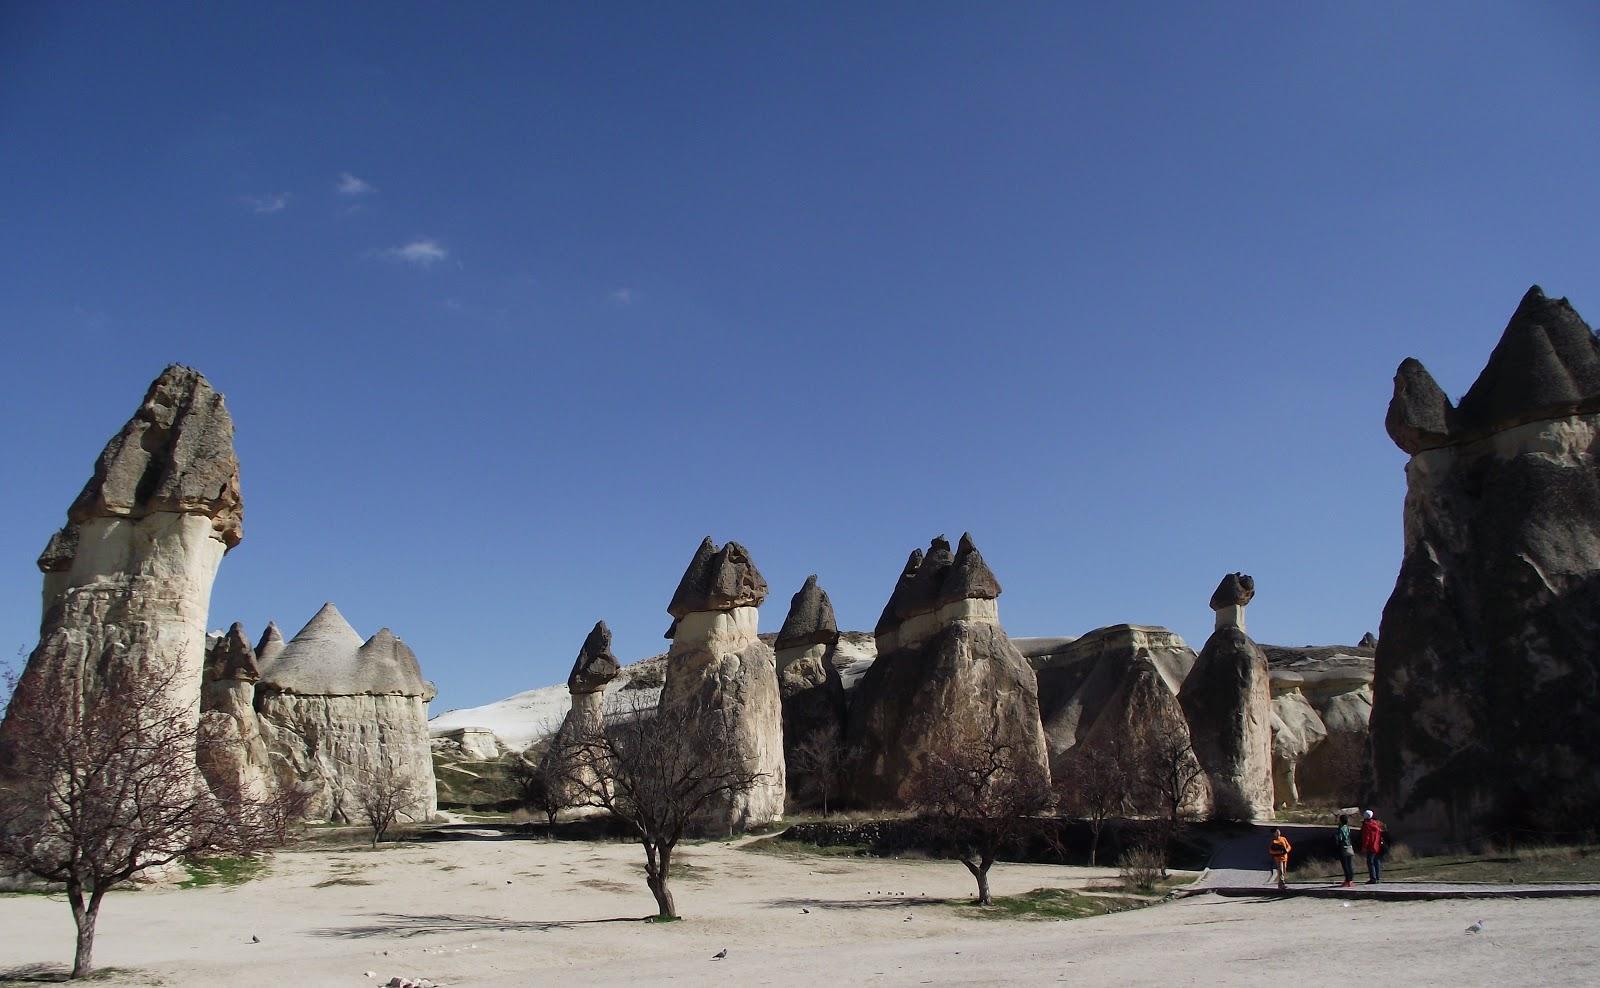 Kapadokyada Mutlaka Görmeniz Gereken 15 Yer Onediocom